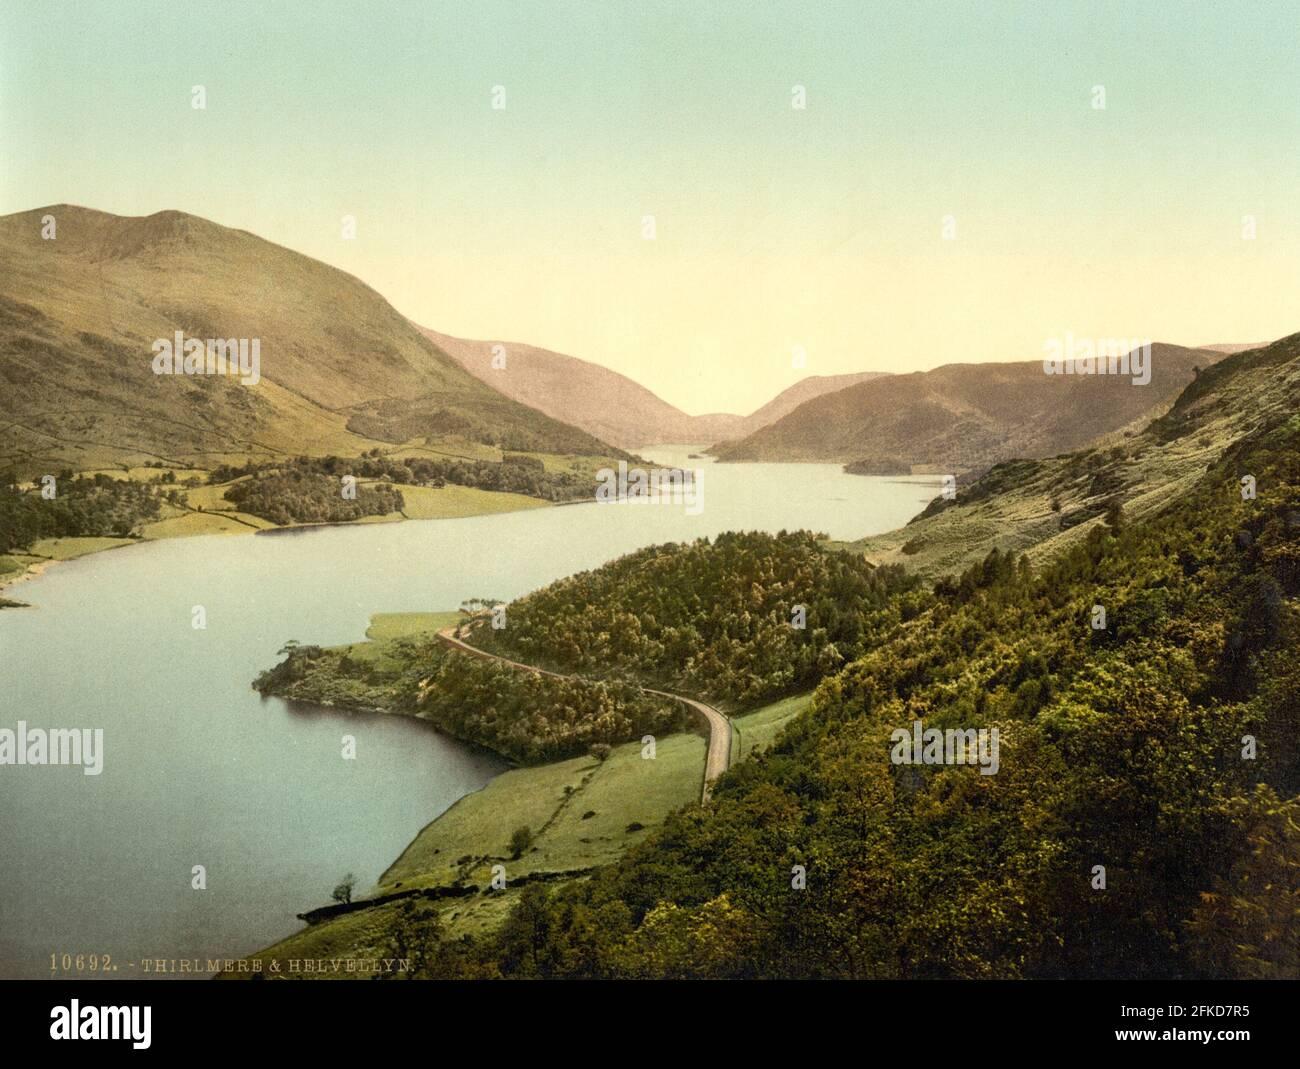 Thirlmere y Hellvellyn en el Distrito de los Lagos, Cumbria alrededor de 1890-1900 Foto de stock